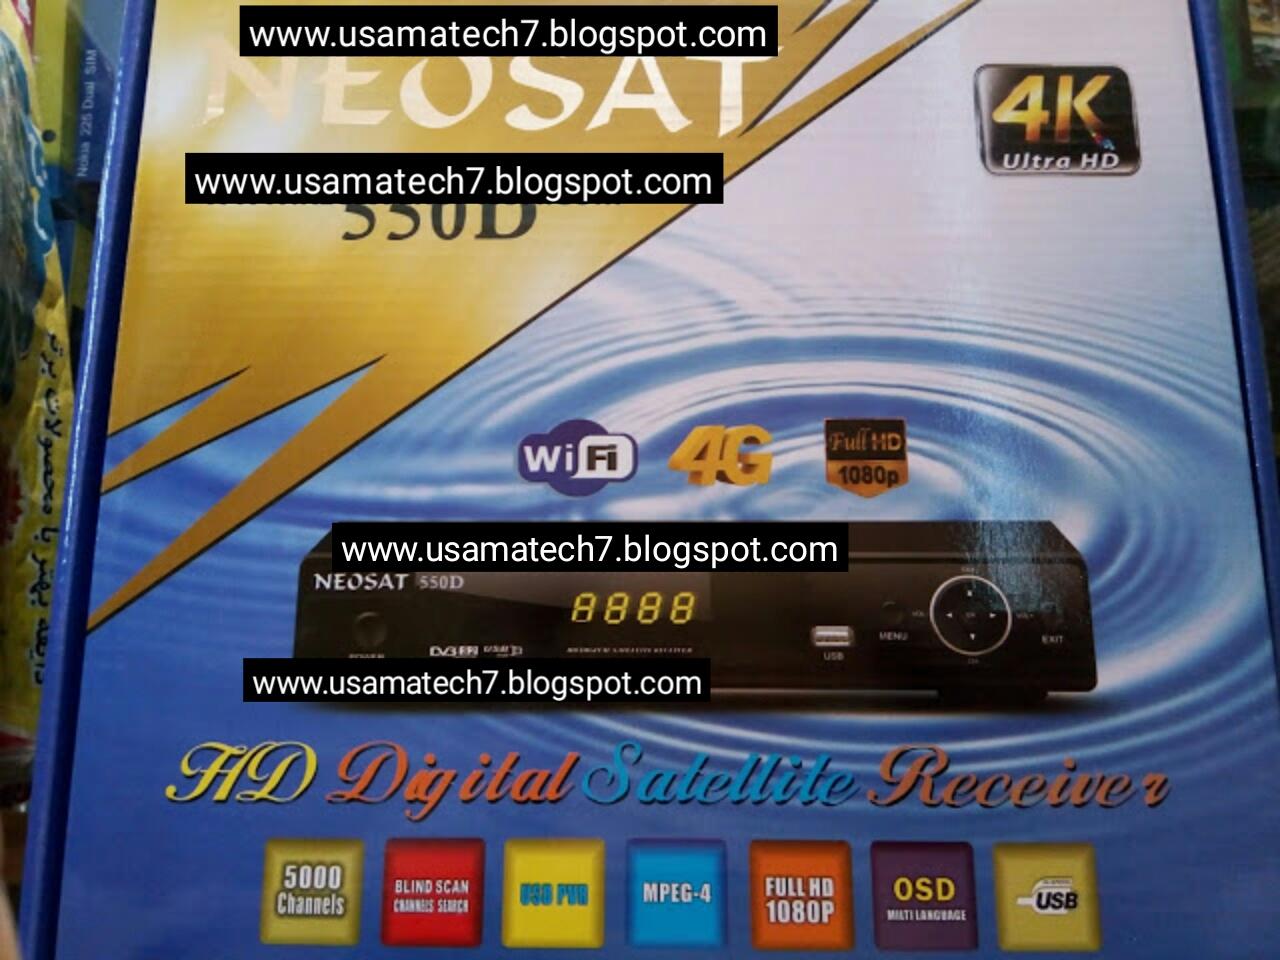 Neosat 550D HD Receiver Powervu Key New Software - Usama Tech7